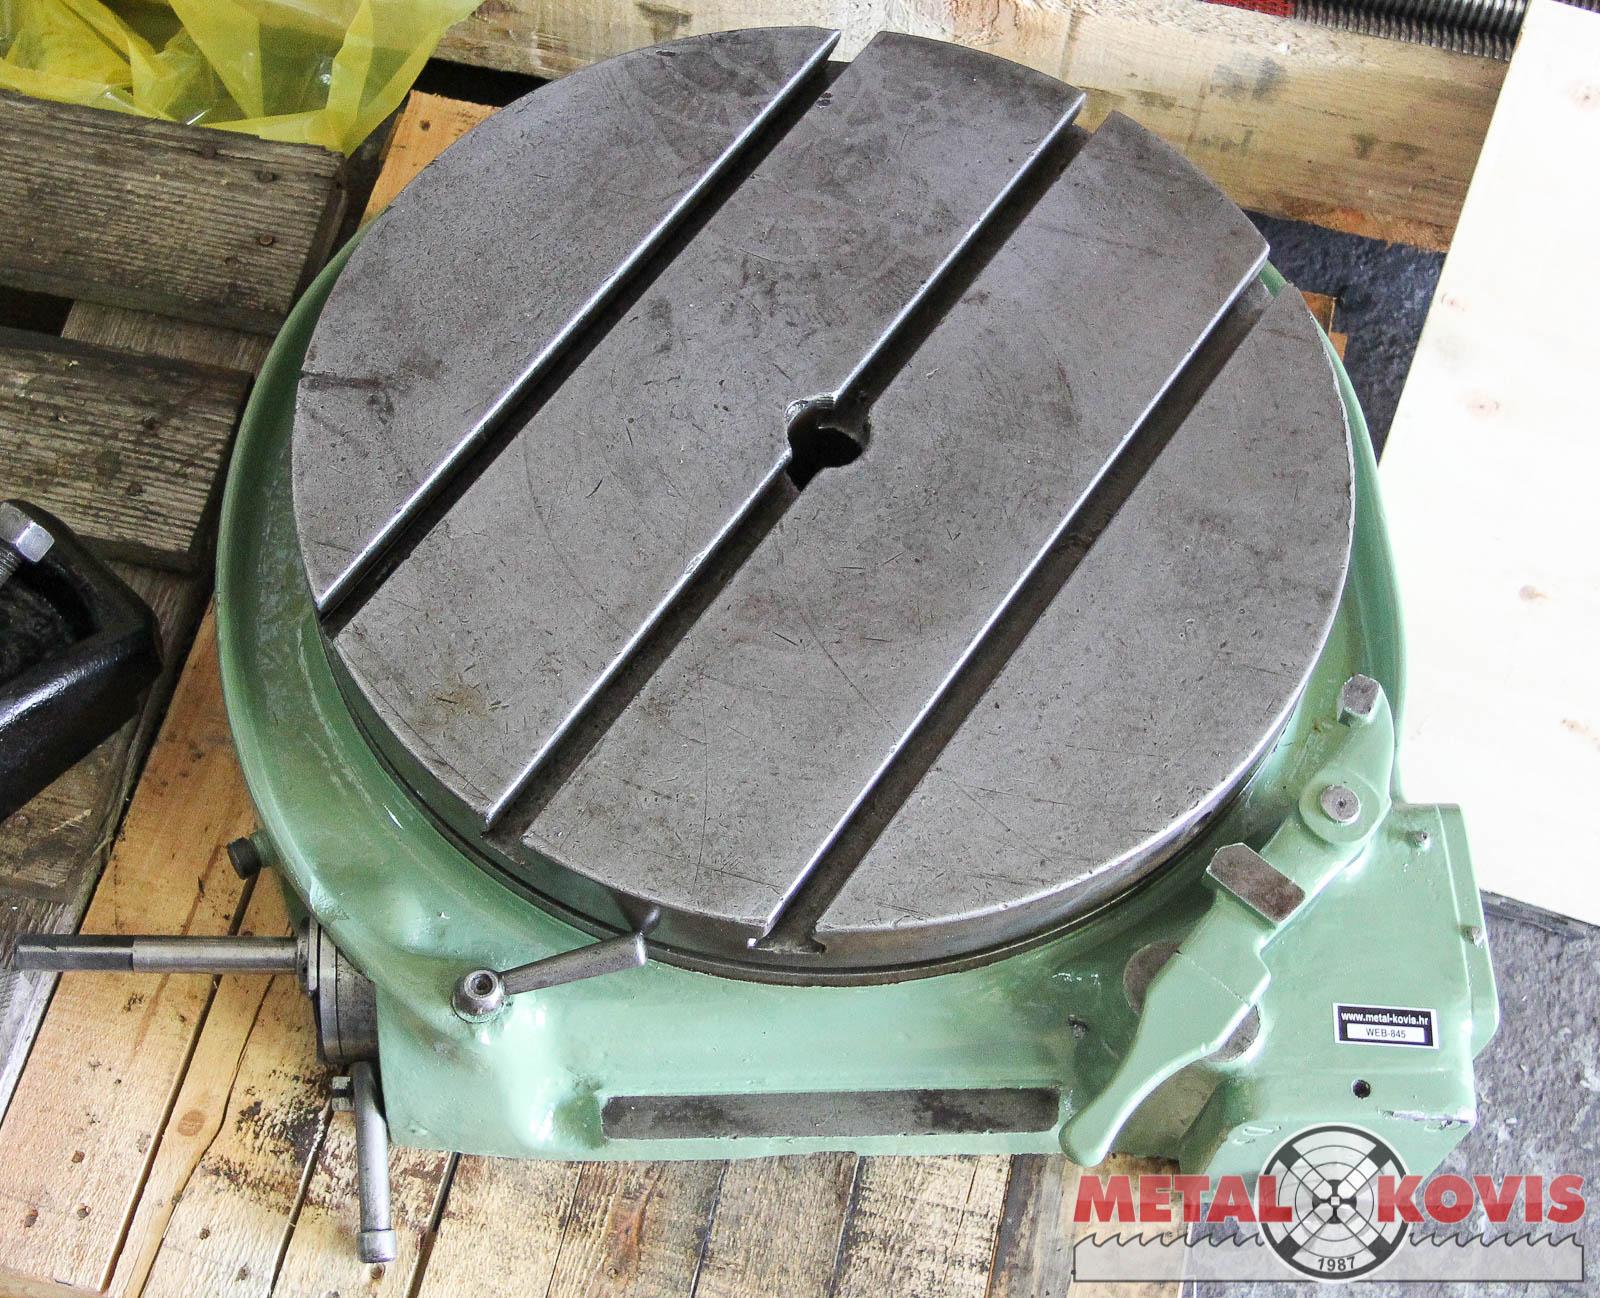 Okretni stol Ø500 mm